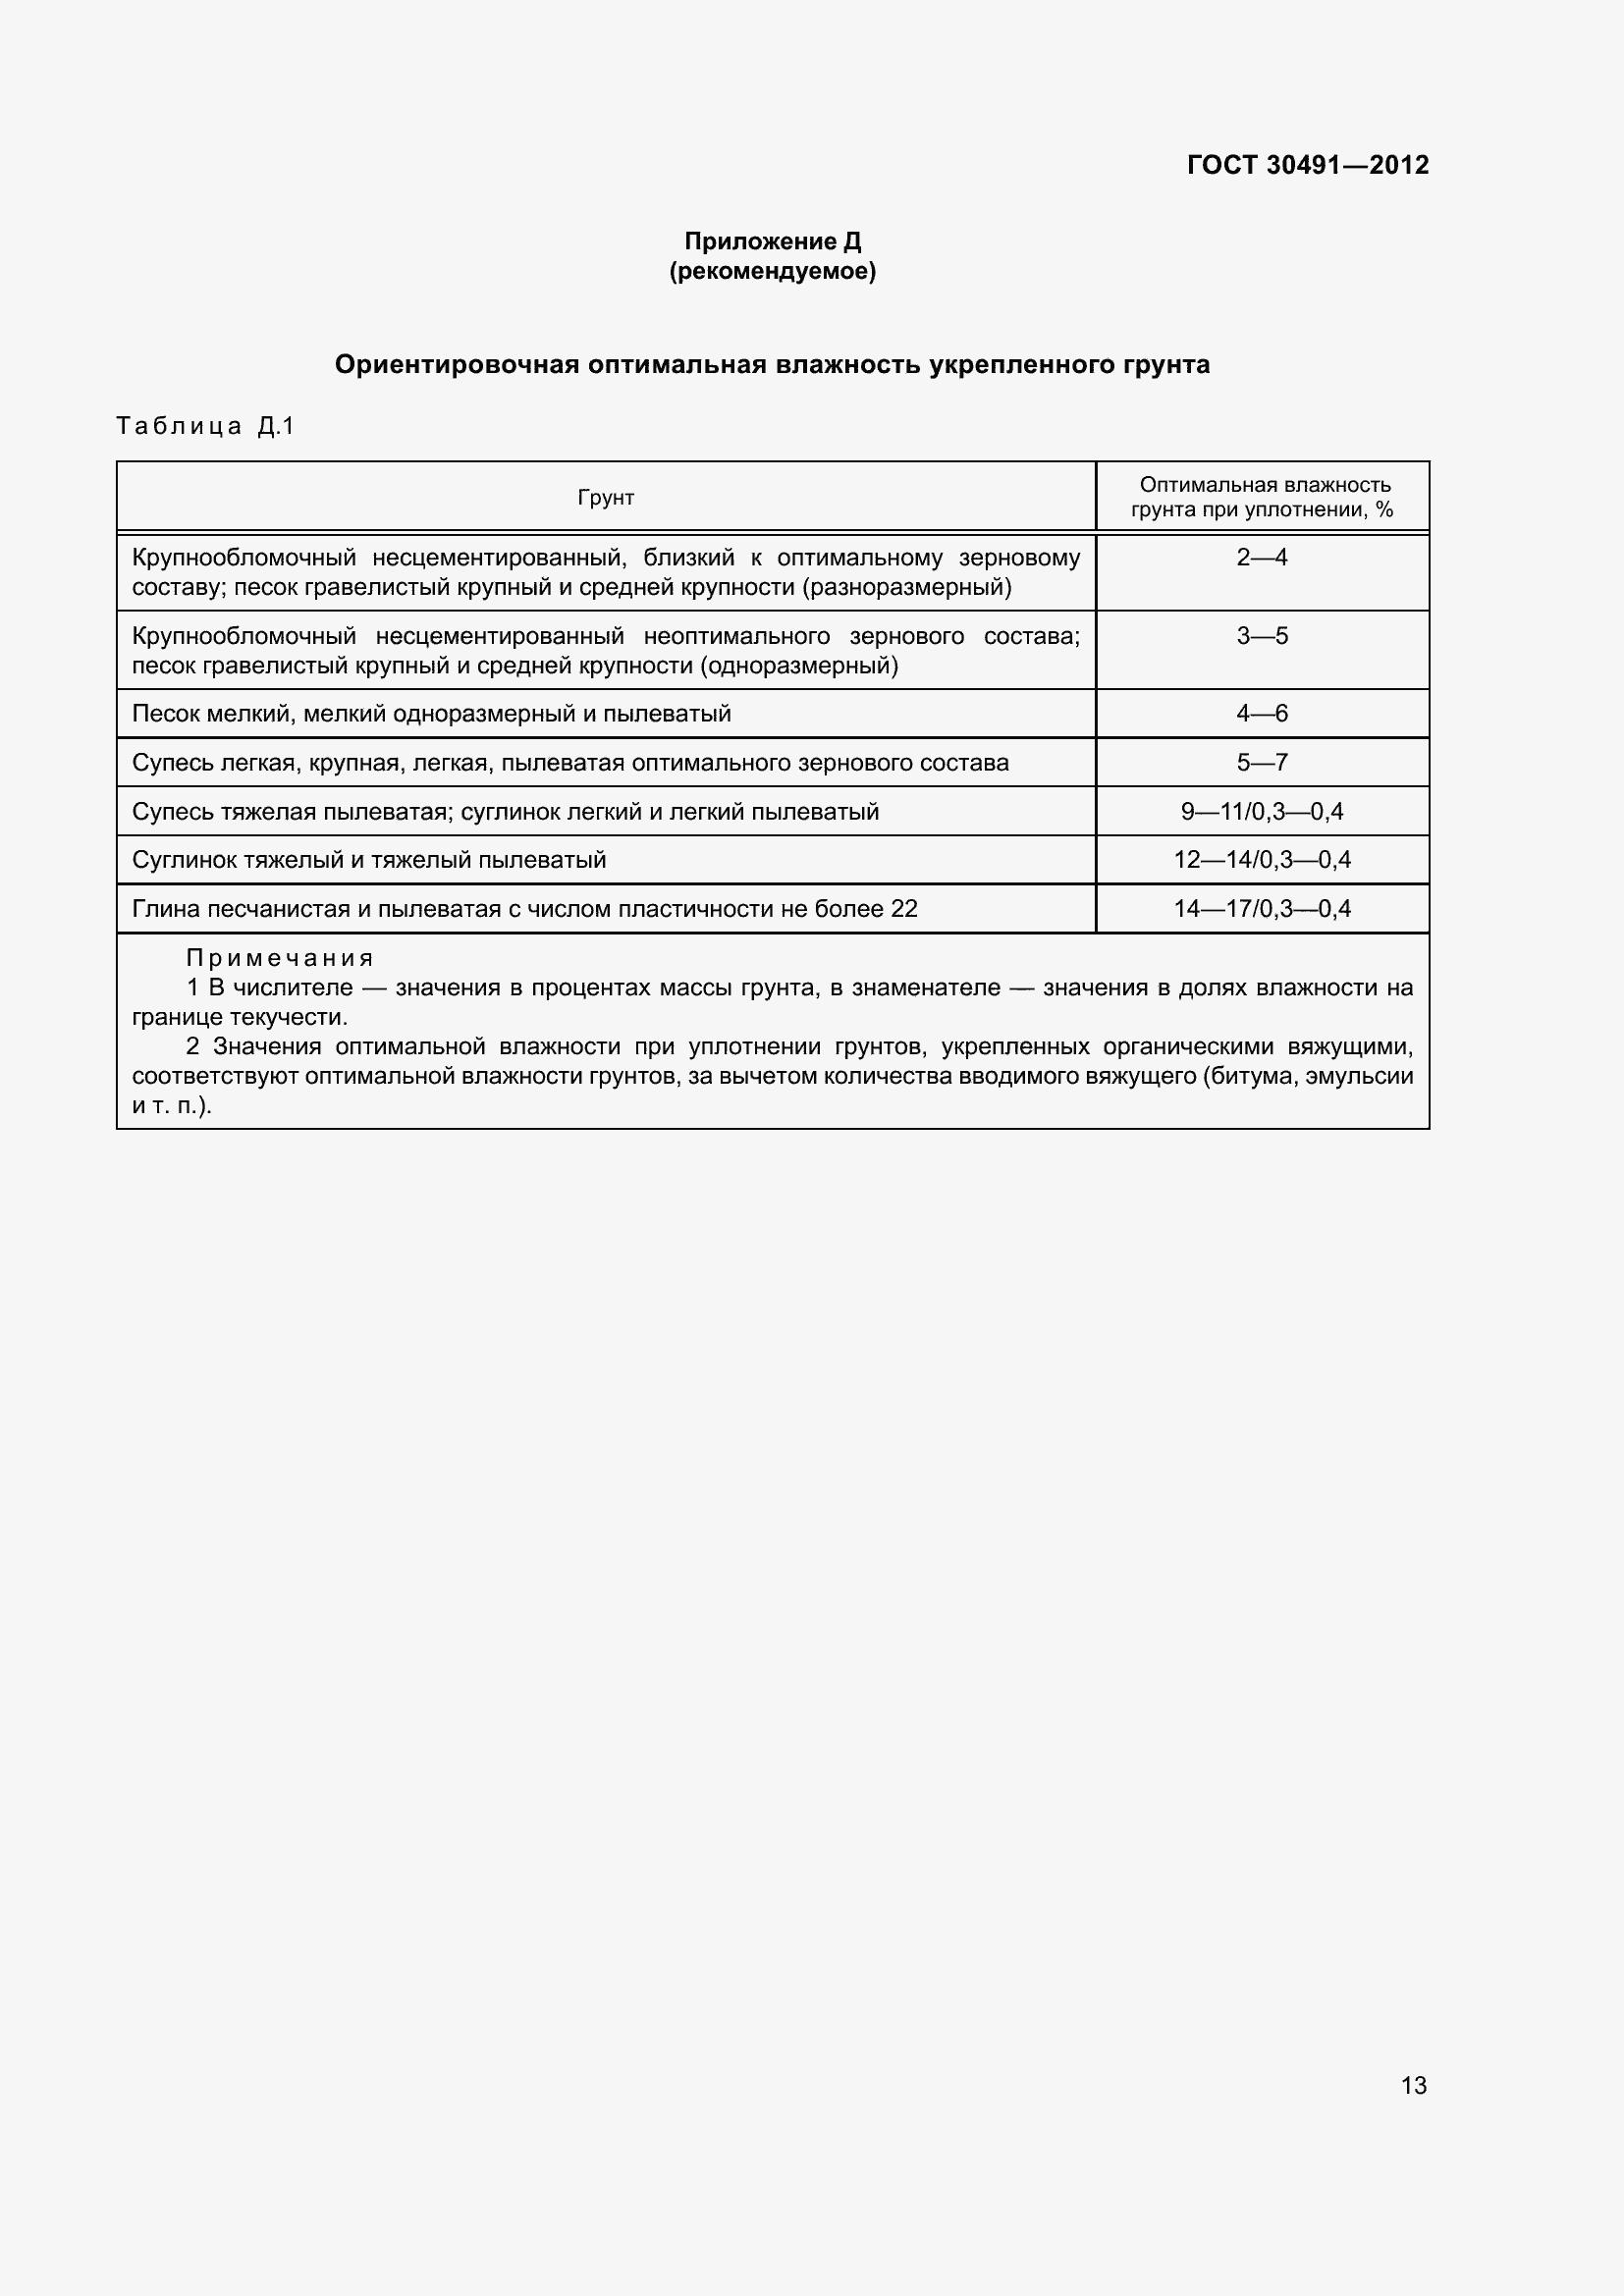 ГОСТ 30491-2012. Страница 17